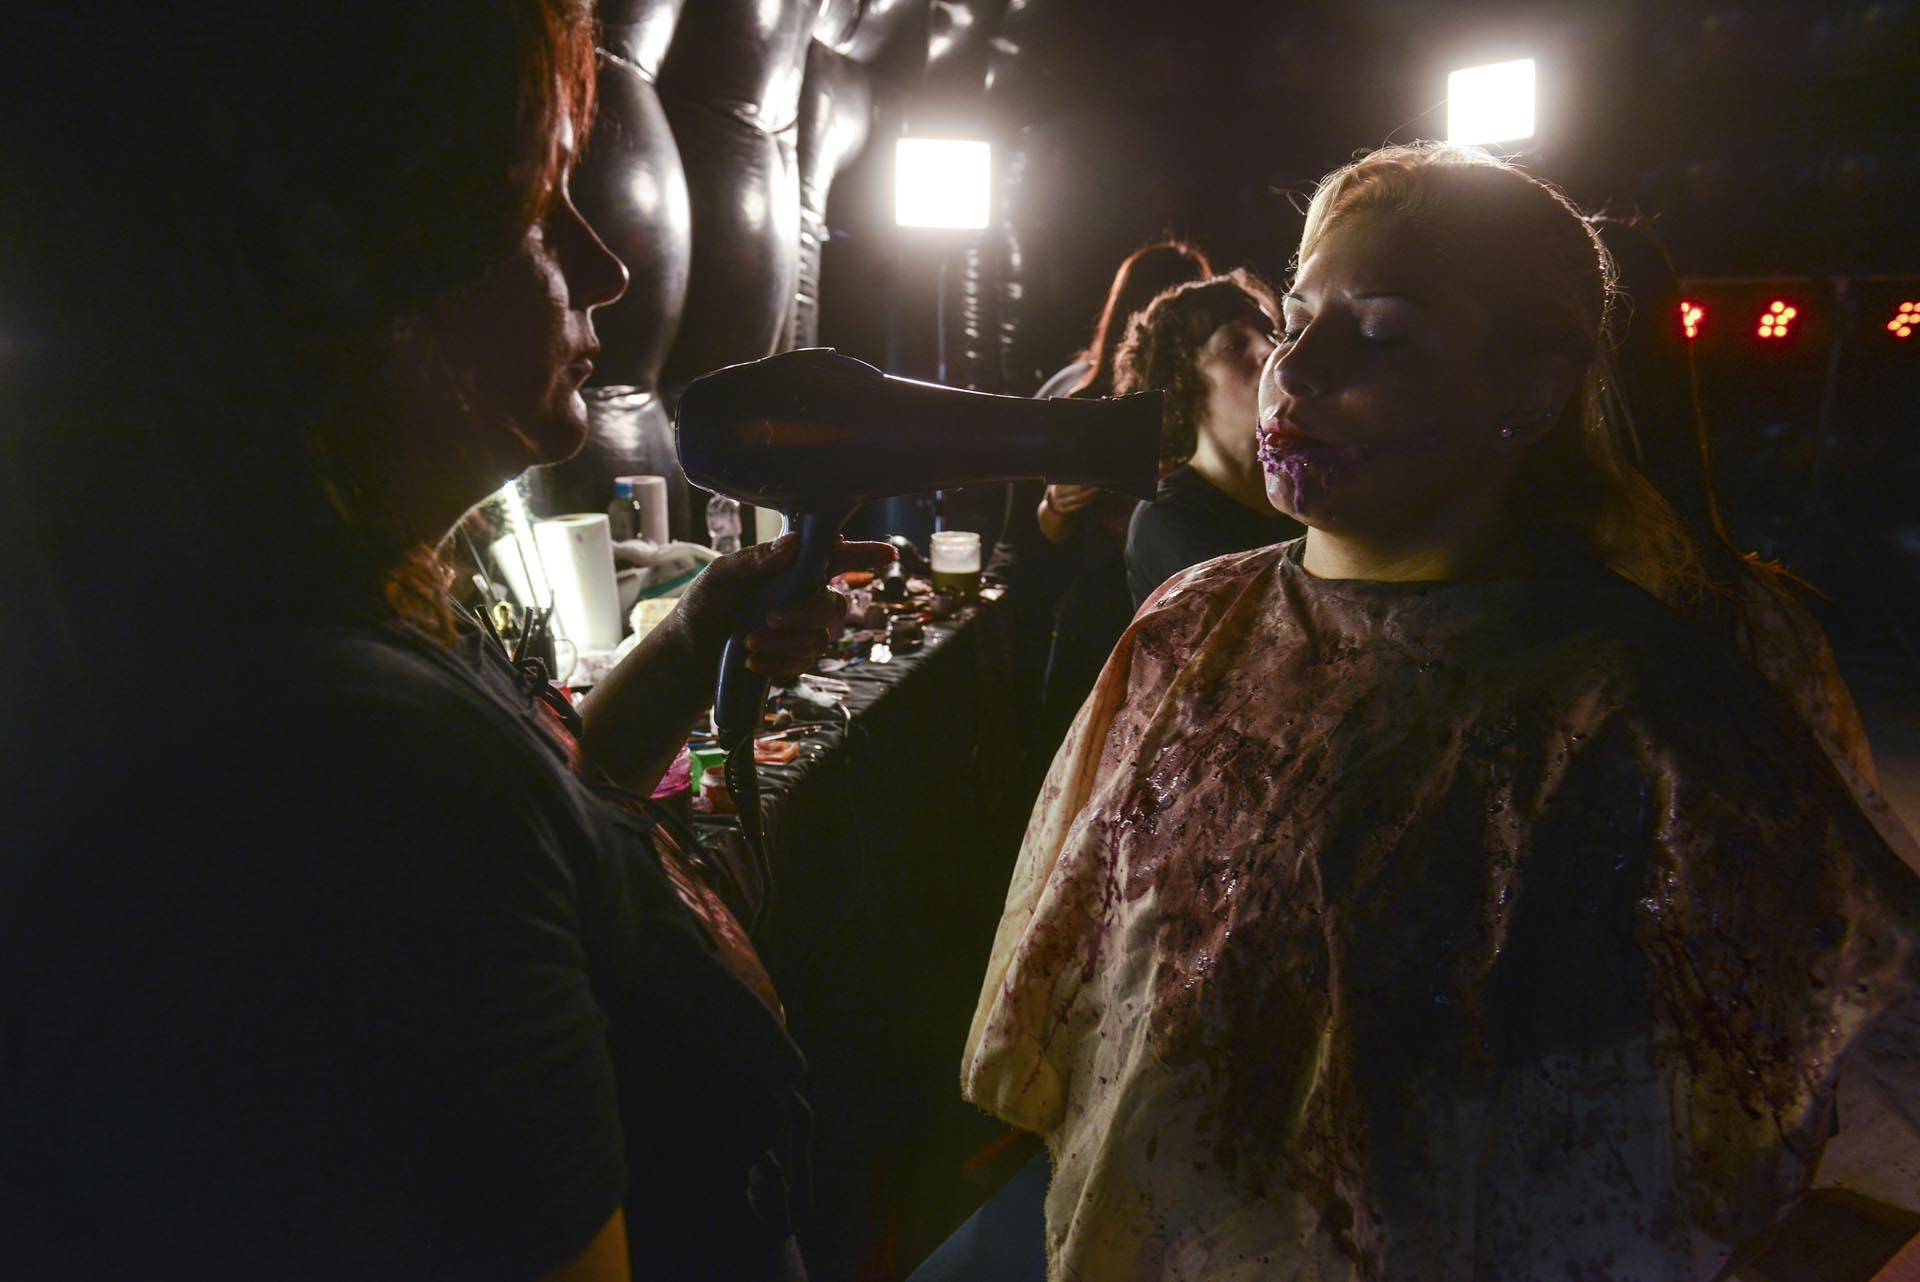 Las sesiones de maquillaje artístico se realizarán en la carpa del INCAA en el bosque de Pinamar